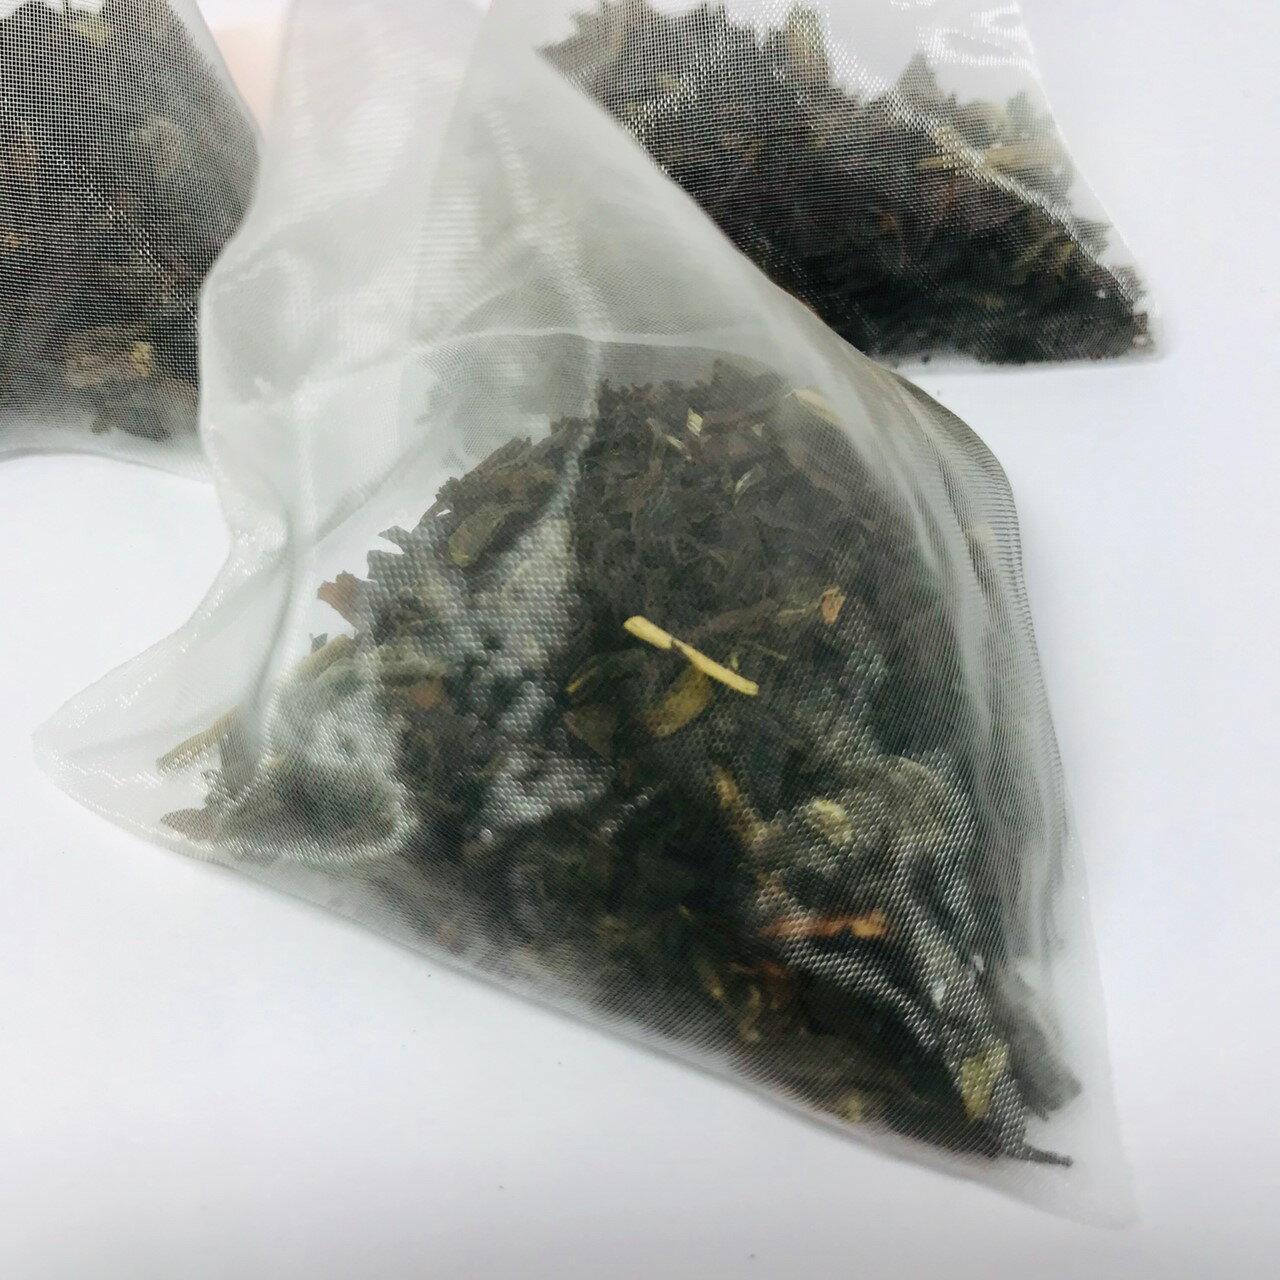 三角立體茶包 青茶/炭焙烏龍/蜜紅茶 台灣製原片茶葉〖吉普茶行〗